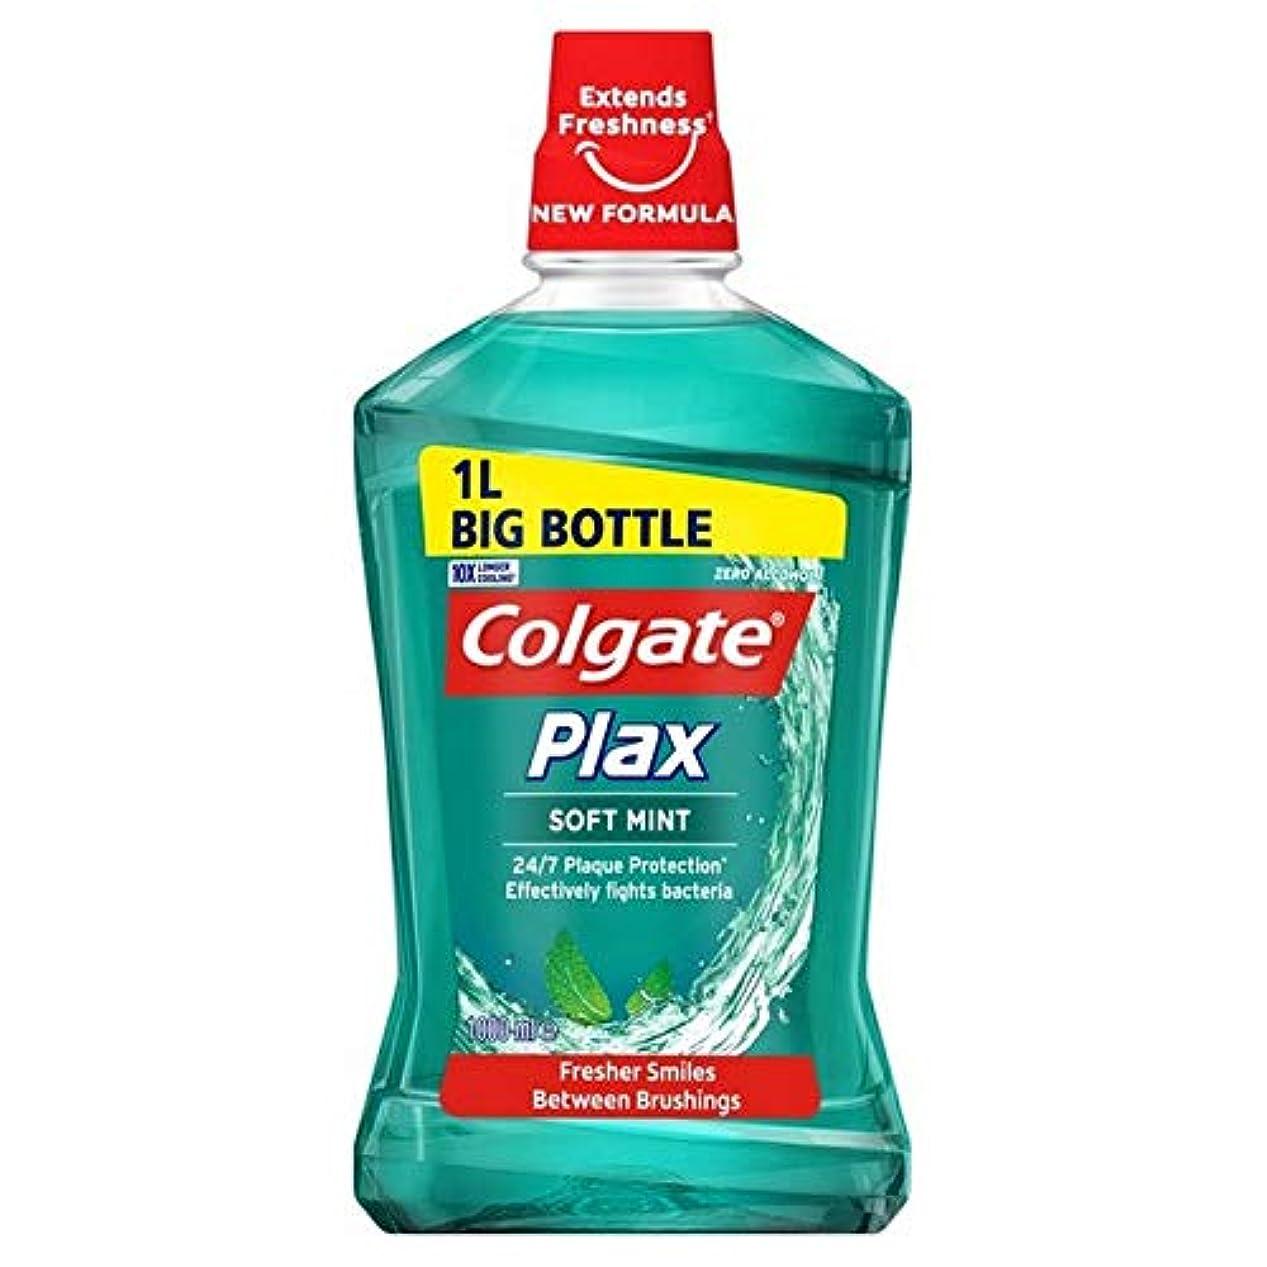 研磨剤引き算パプアニューギニア[Colgate ] コルゲートPlaxソフトミントマウスウォッシュ1リットル - Colgate Plax Soft Mint Mouthwash 1L [並行輸入品]